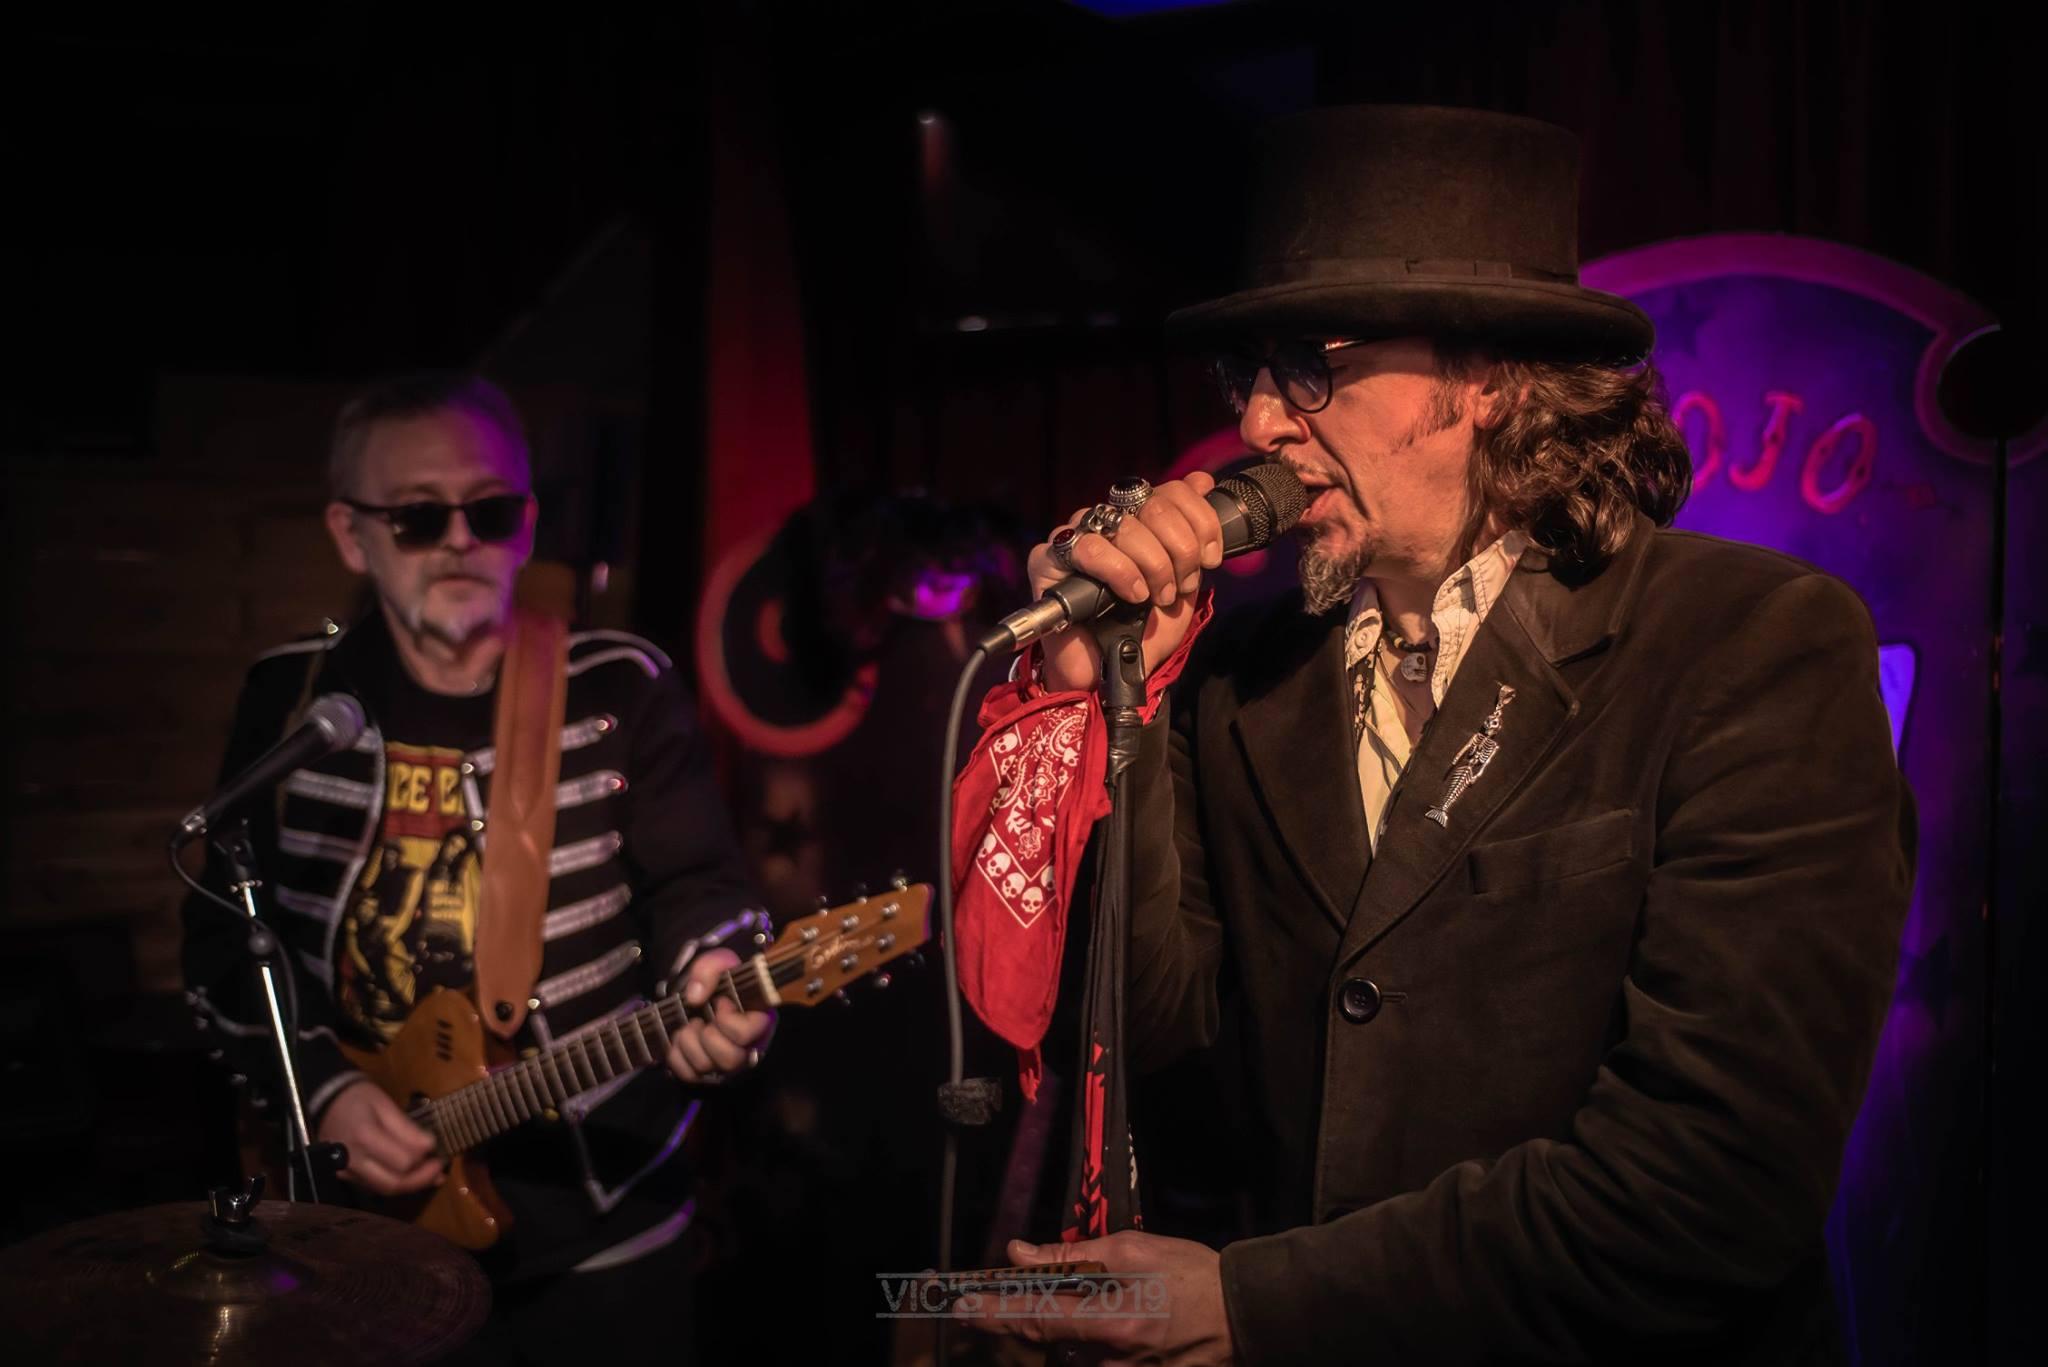 yvan dantzer rock musique blues alsace hopla magazine 02